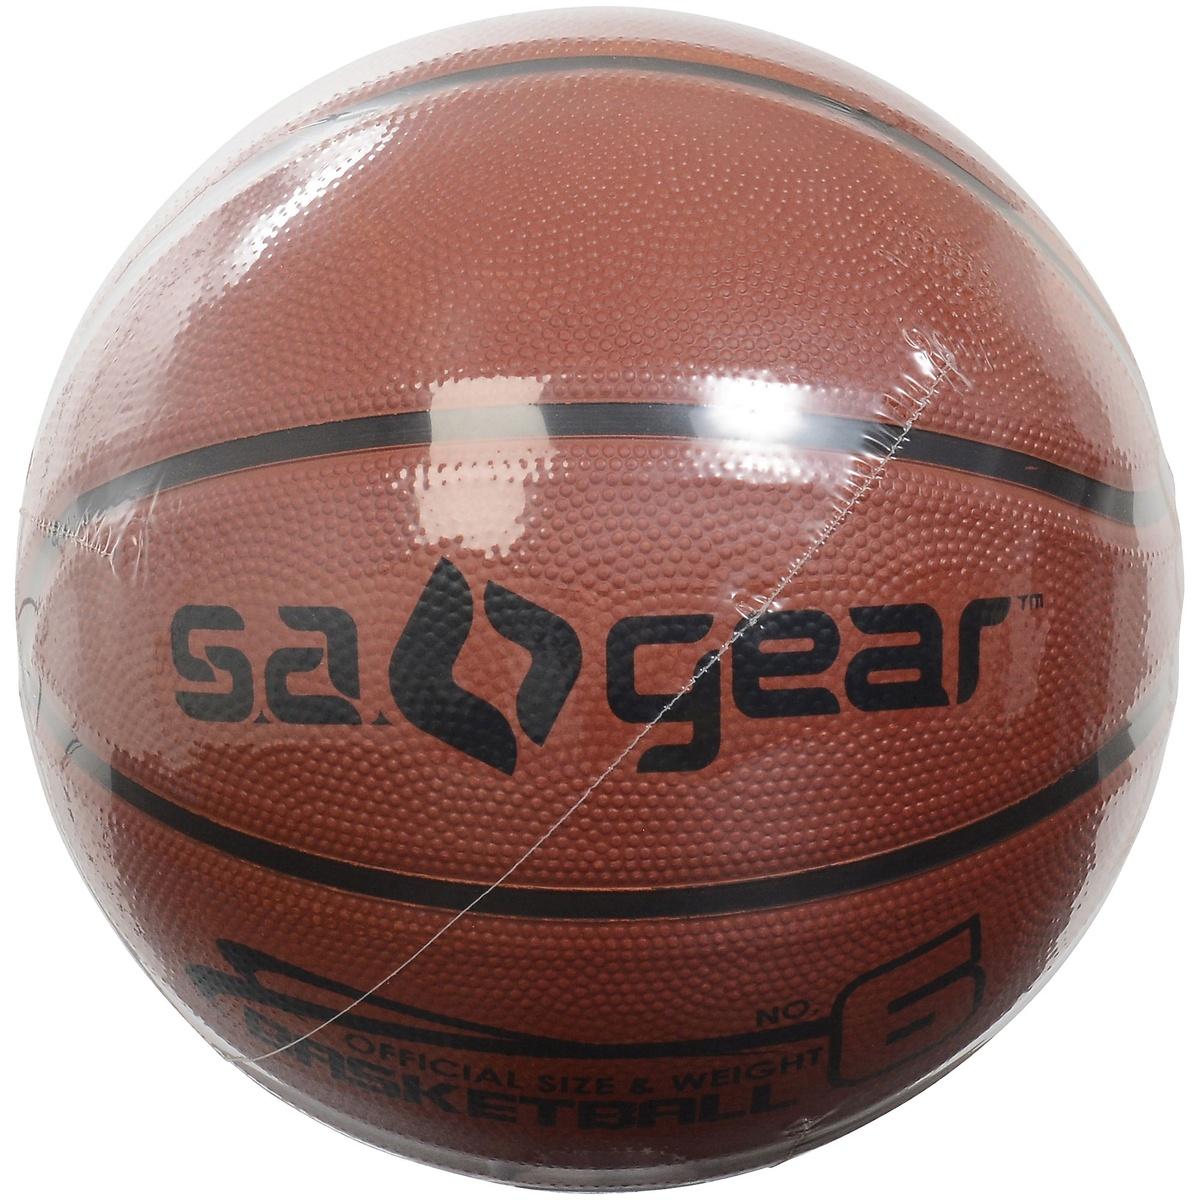 エスエーギア バスケットボール 6号ボール バスケットボールBRN 出荷 6ゴウ s.a.gear SA-Y19-003-045 ブラウン 春の新作続々